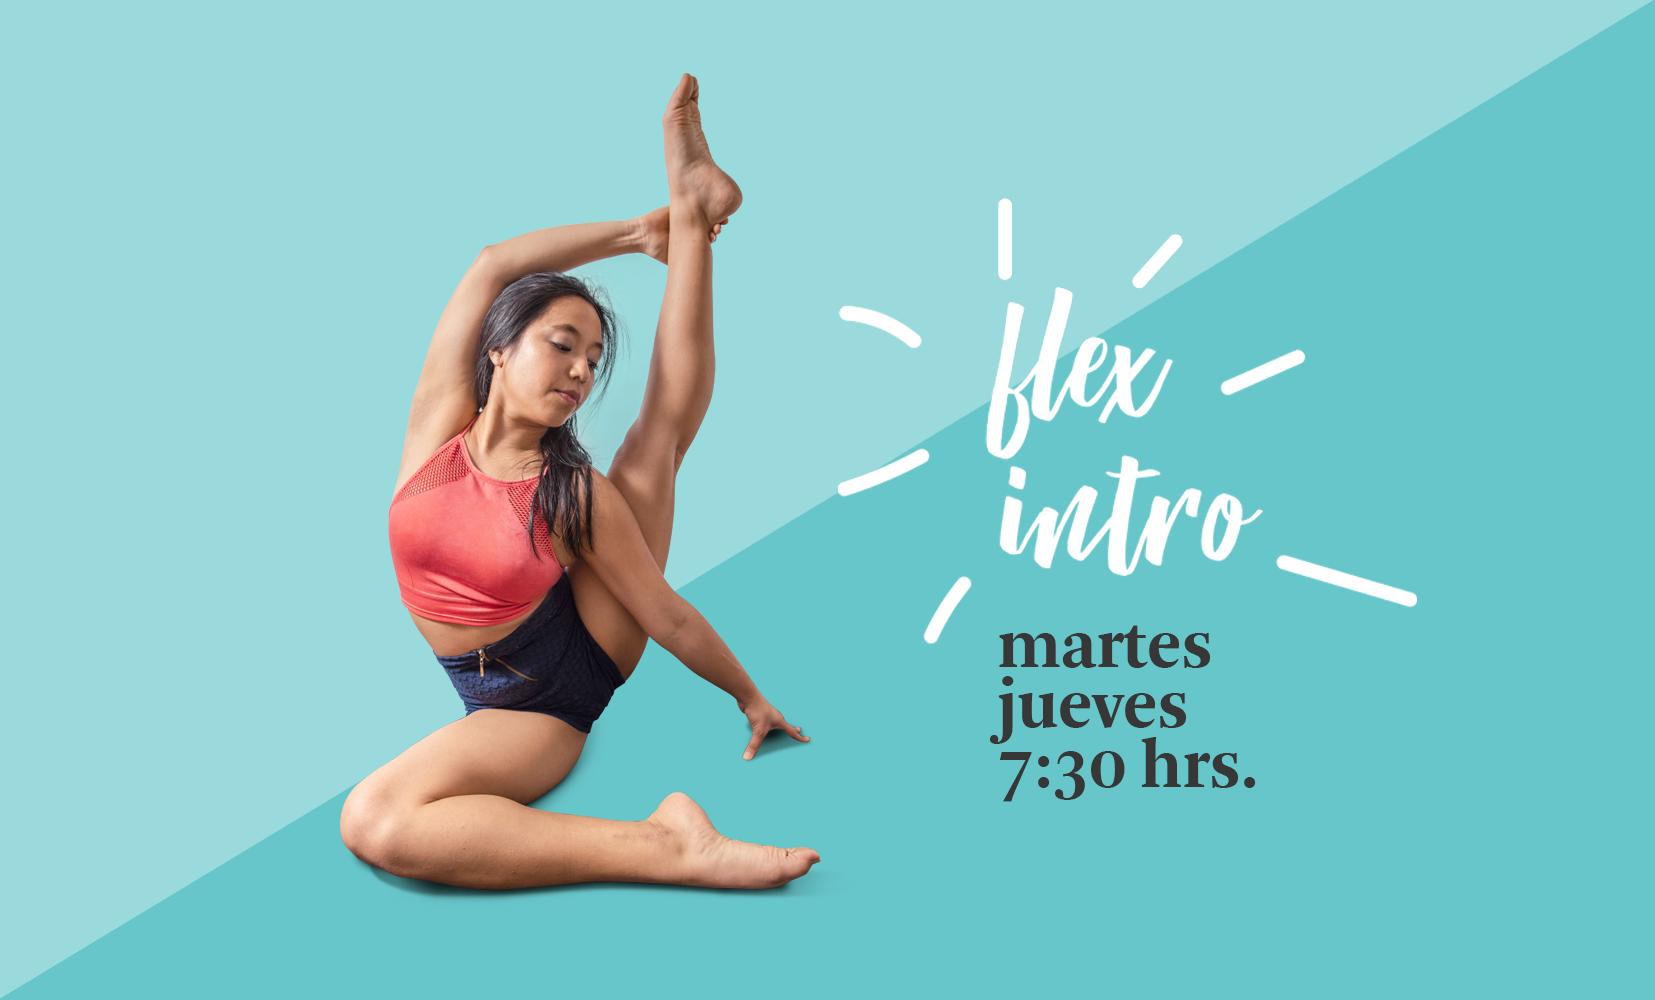 Flex Intro martes y jueves 7:30 hrs.